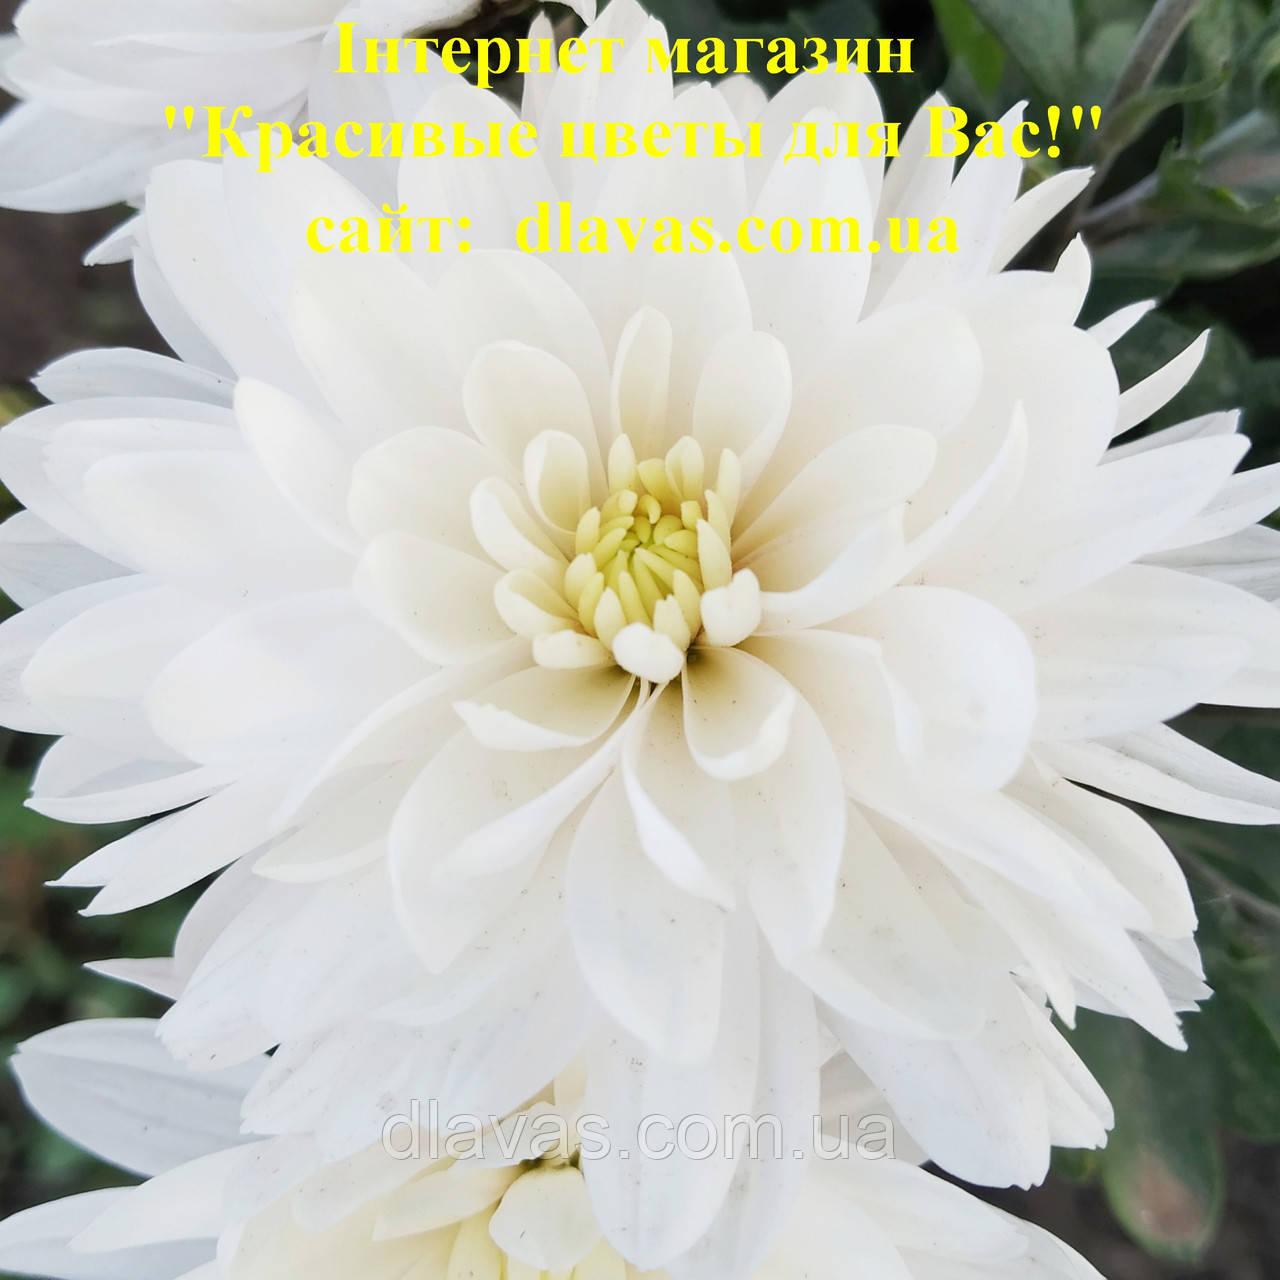 Мультифлора  белая крупная МАРМЕЛАДА